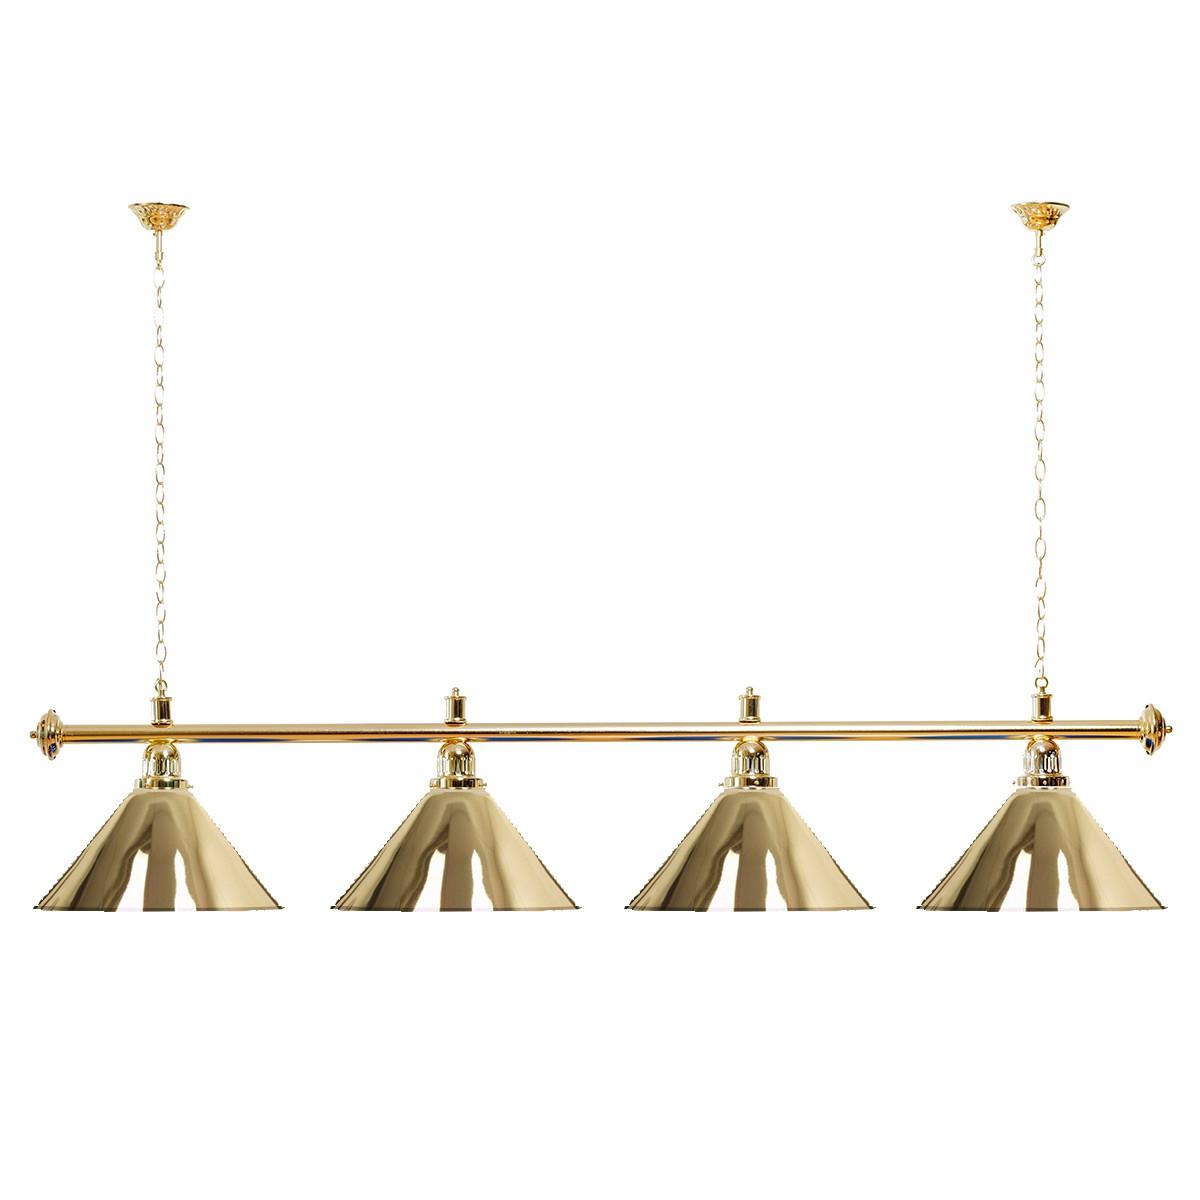 Billard Lampe 4 Schirme gold / goldfarbene Halterung